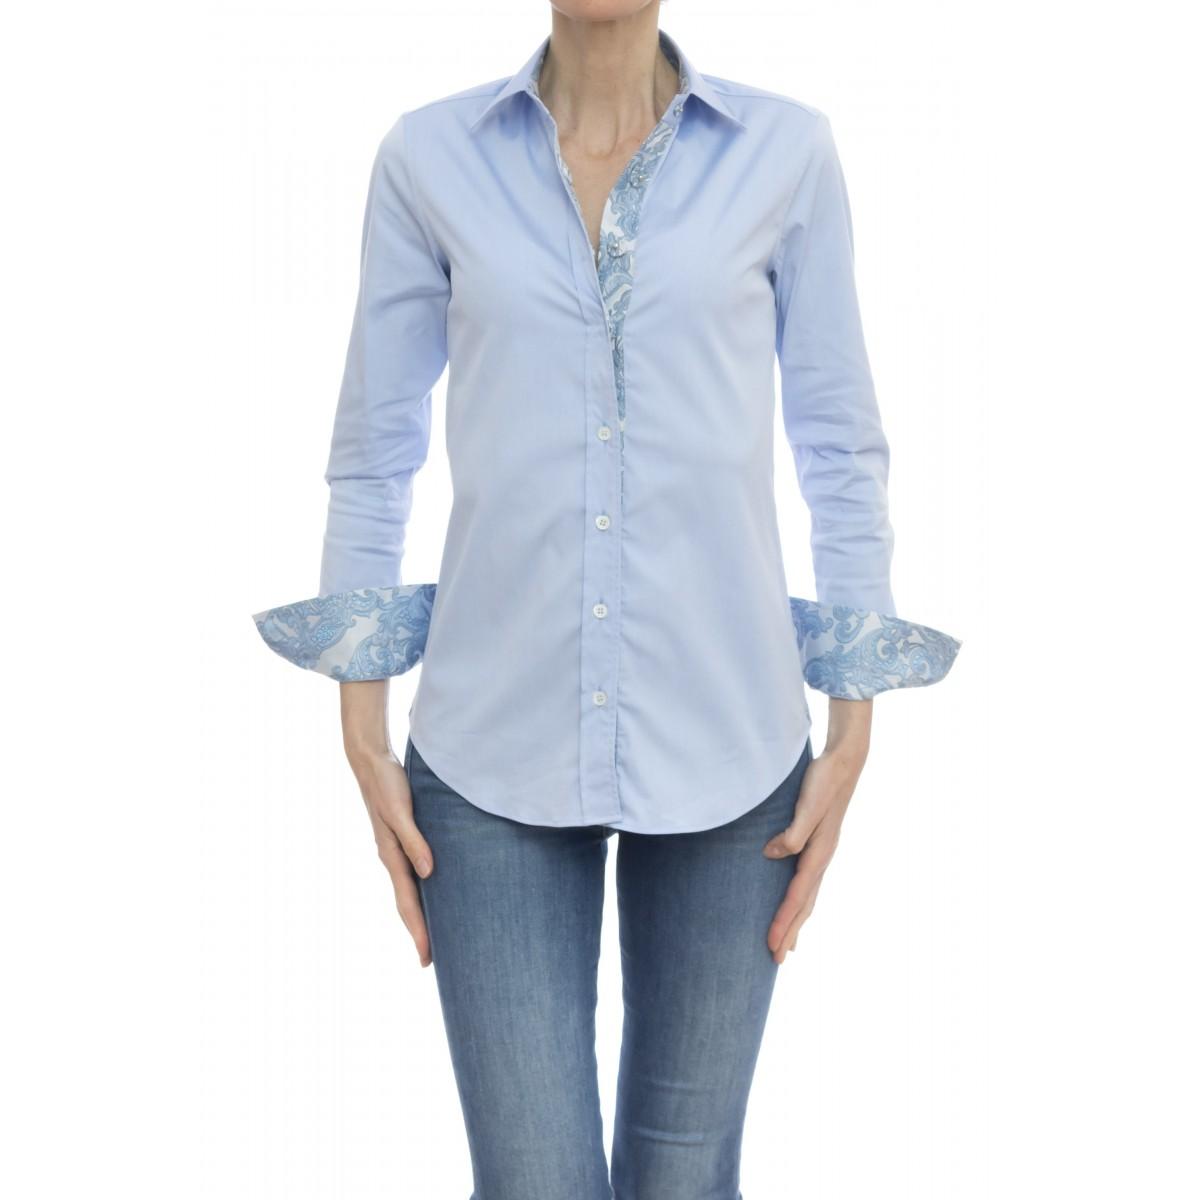 Camicia donna - Pj9 d43 camicia sfiancata bottone pressione